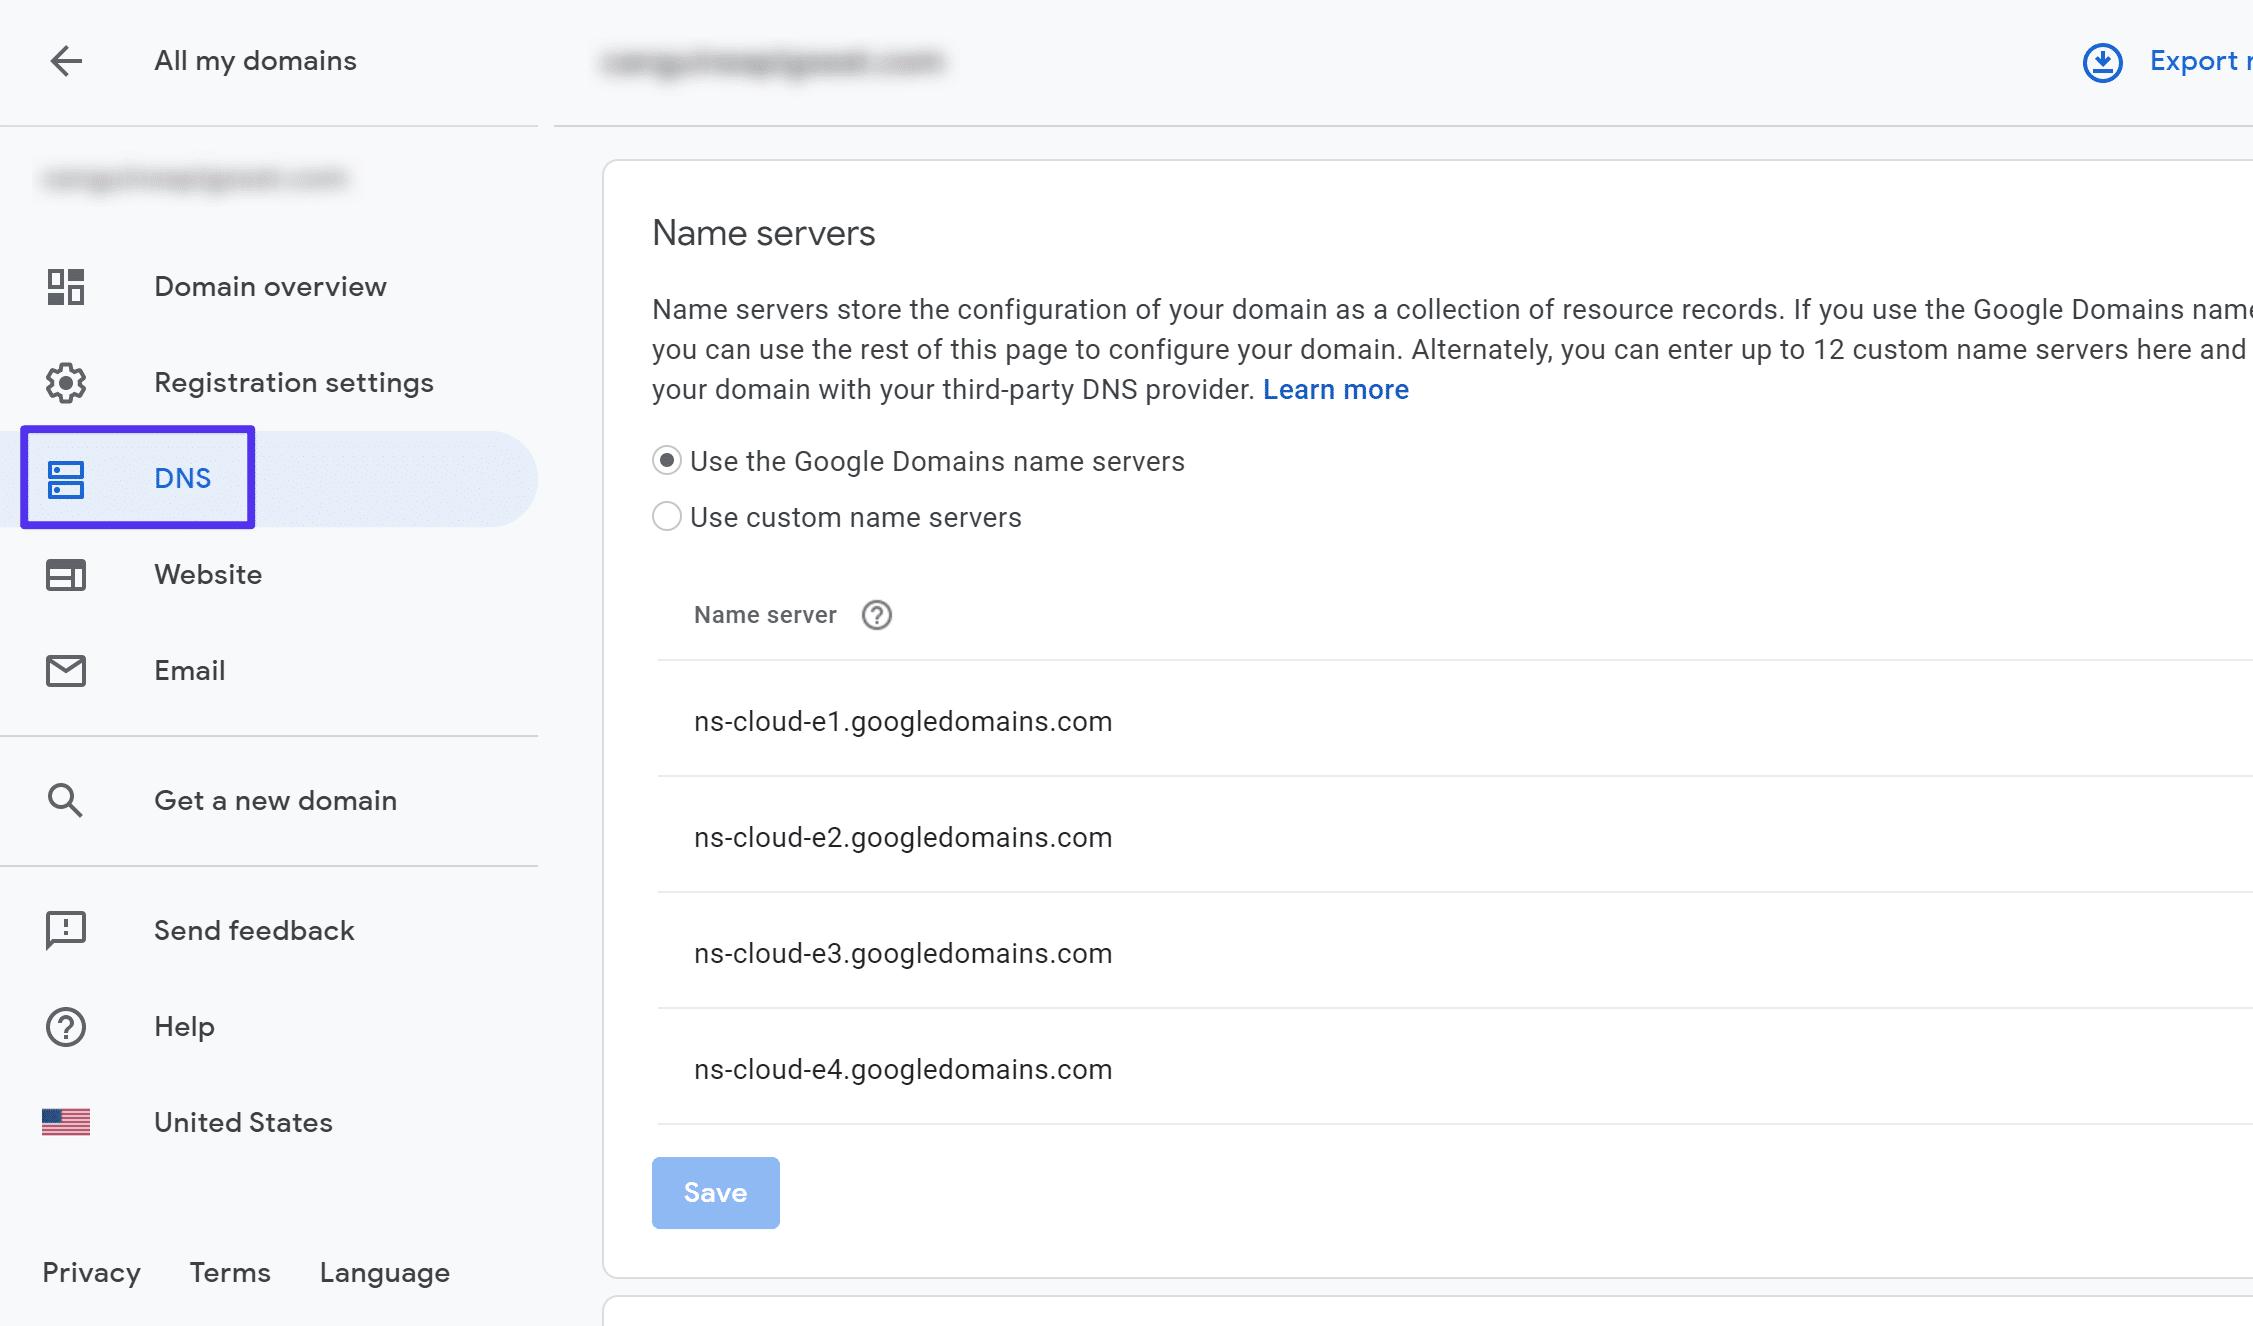 Hoe je naamservers van Google Domains wijzigt